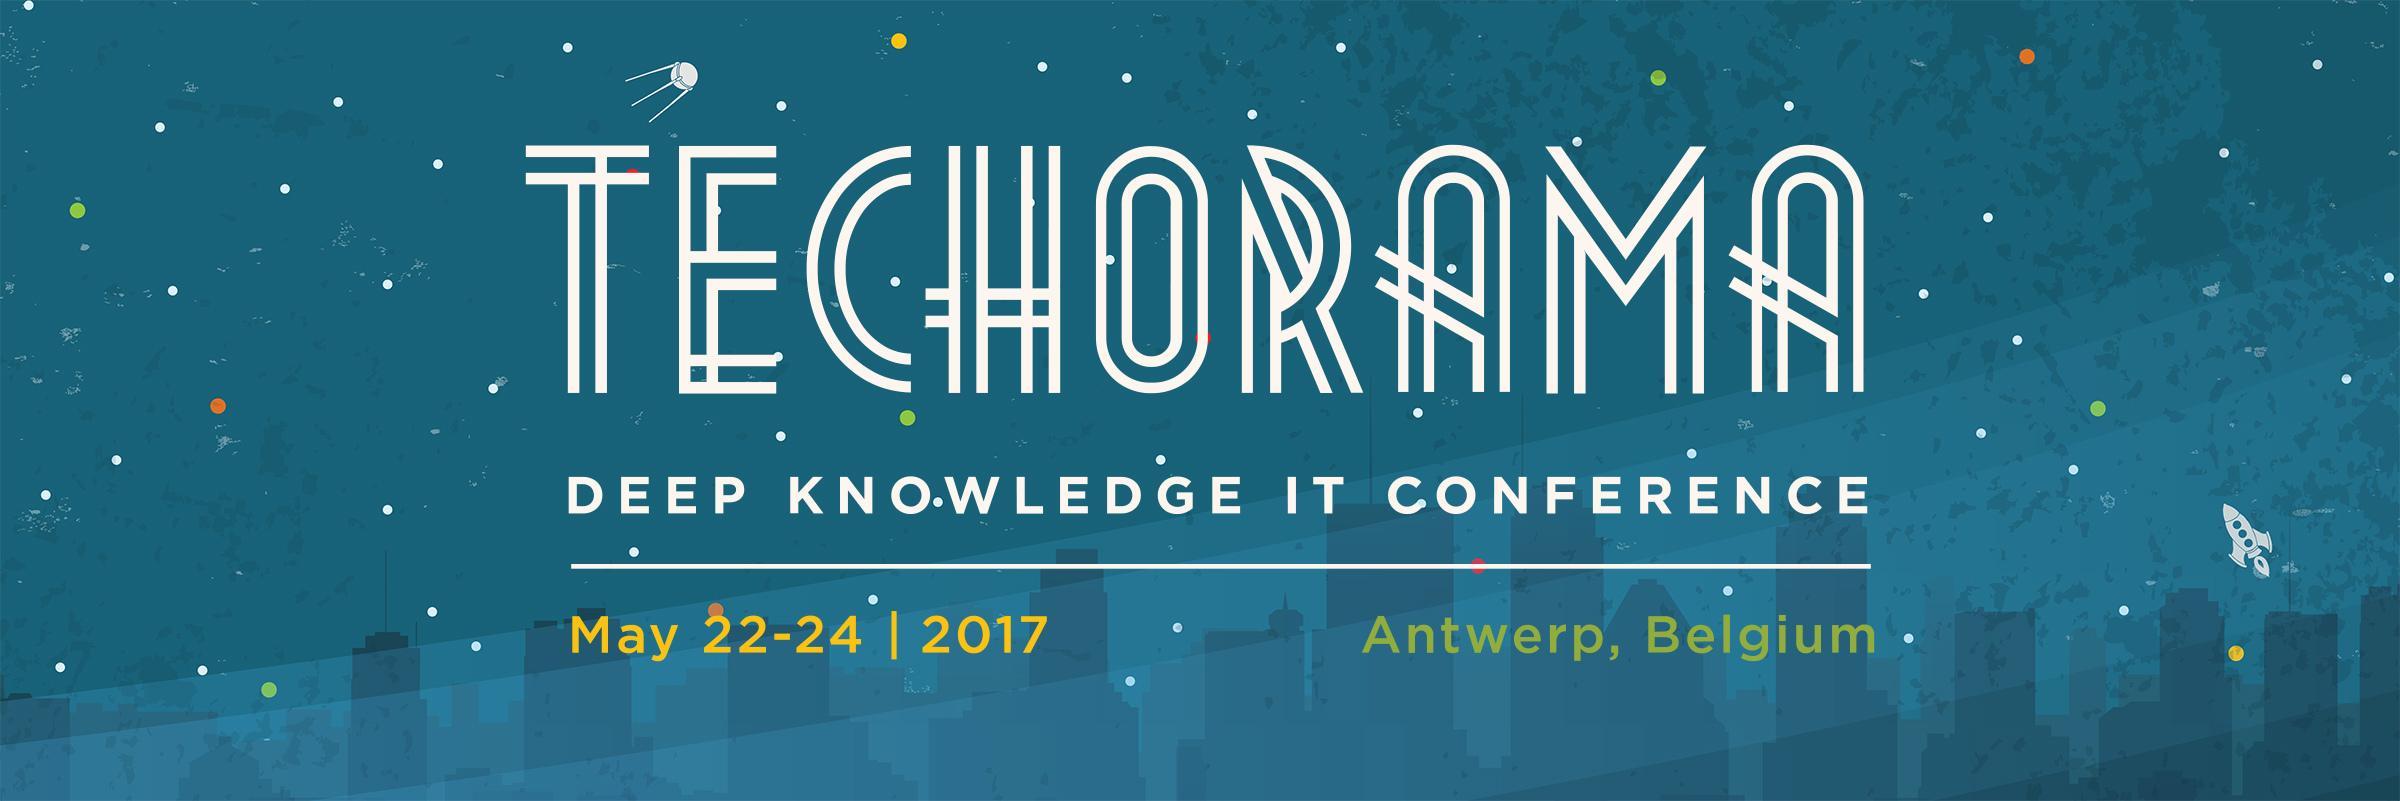 Techorama 2017